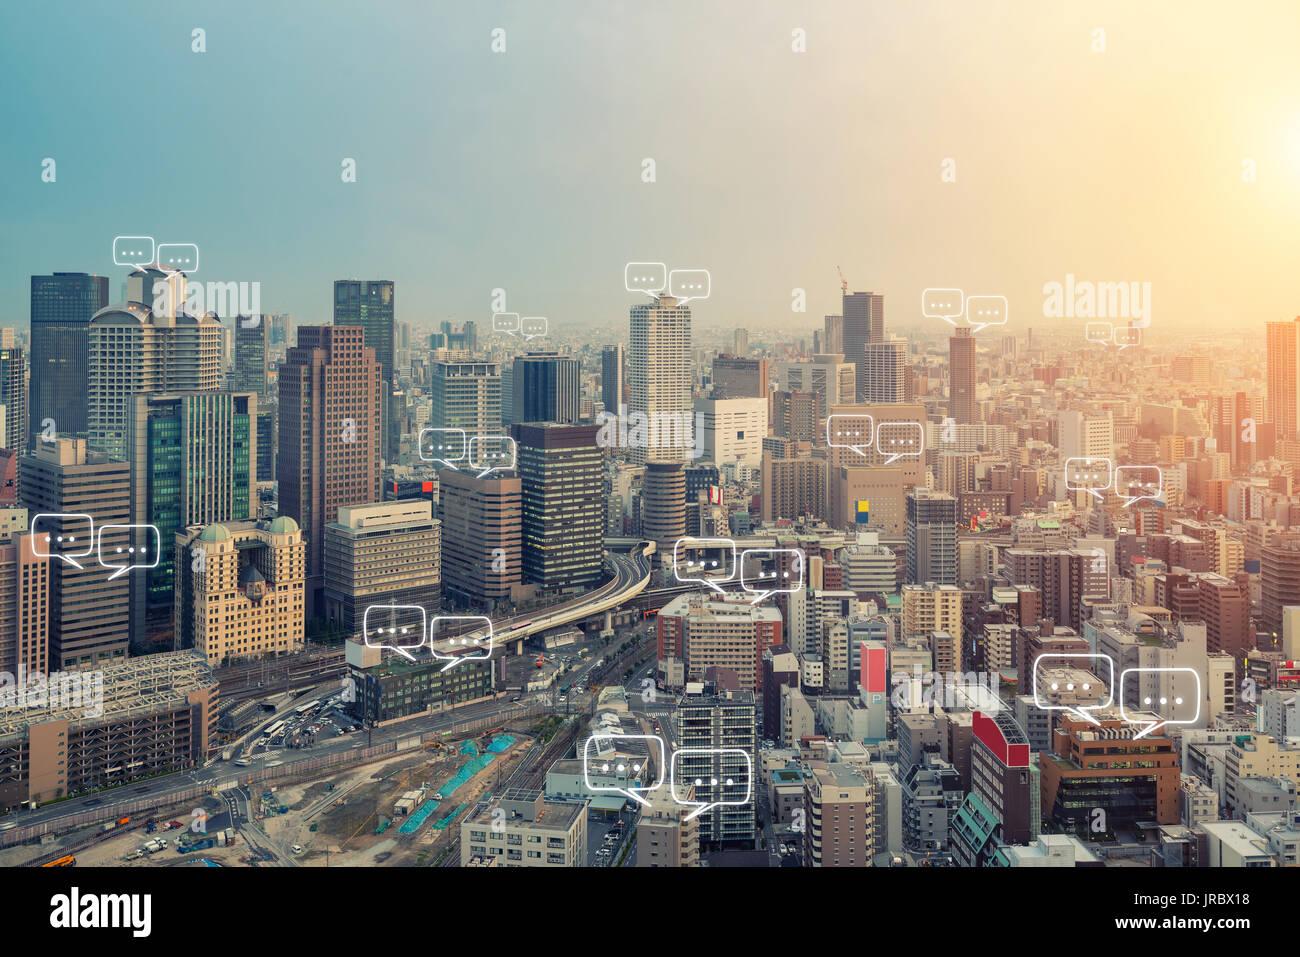 Espace blanc pour le texte sur la ville d'Osaka et de la sphère de communication. chat La technologie et de la communication concept. Internet des choses. Photo Stock